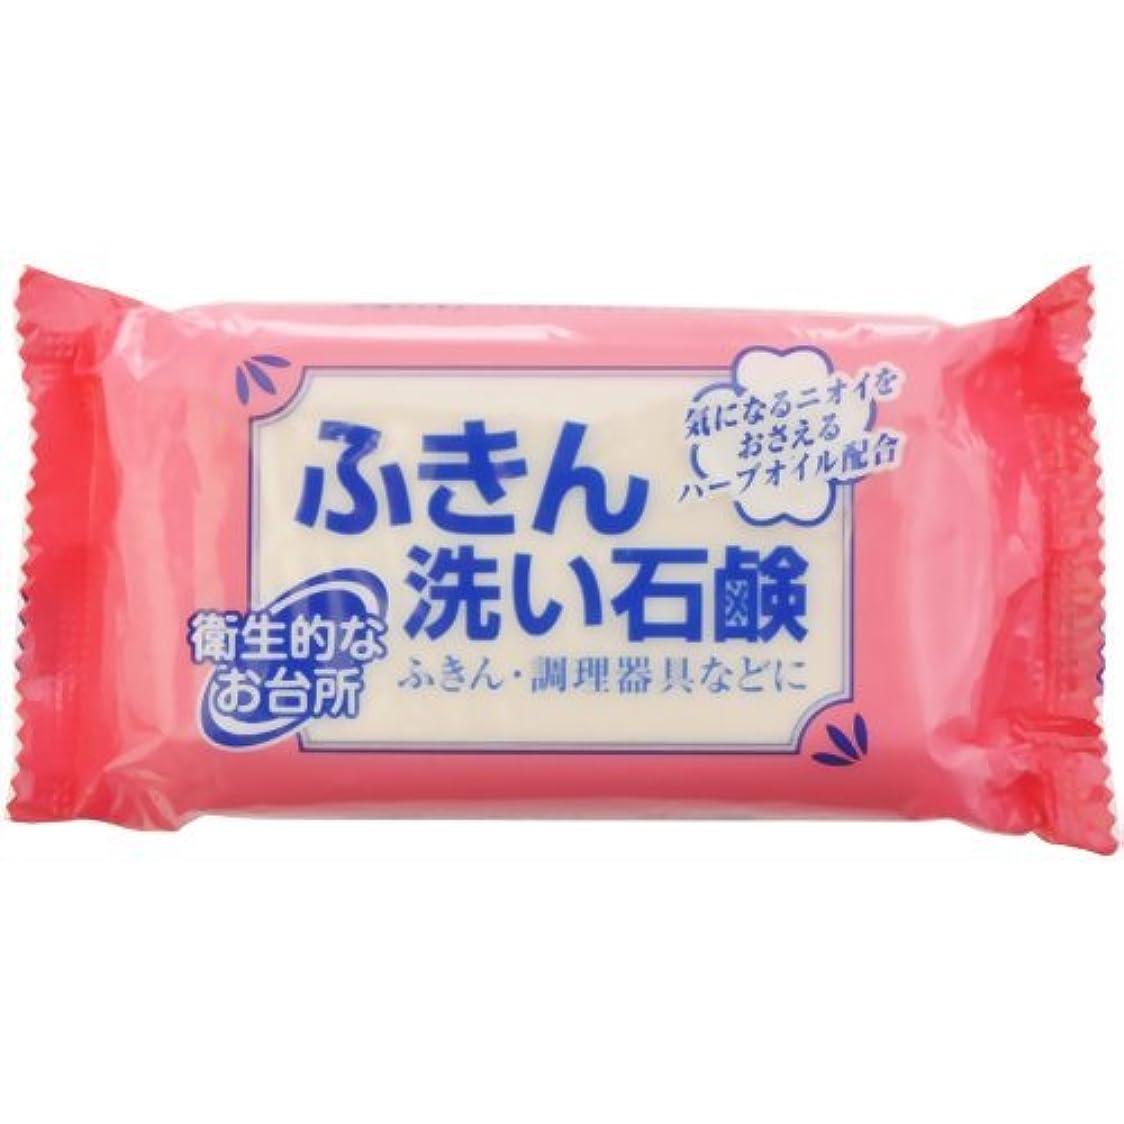 しょっぱい課す渇きふきん洗い石鹸 135g